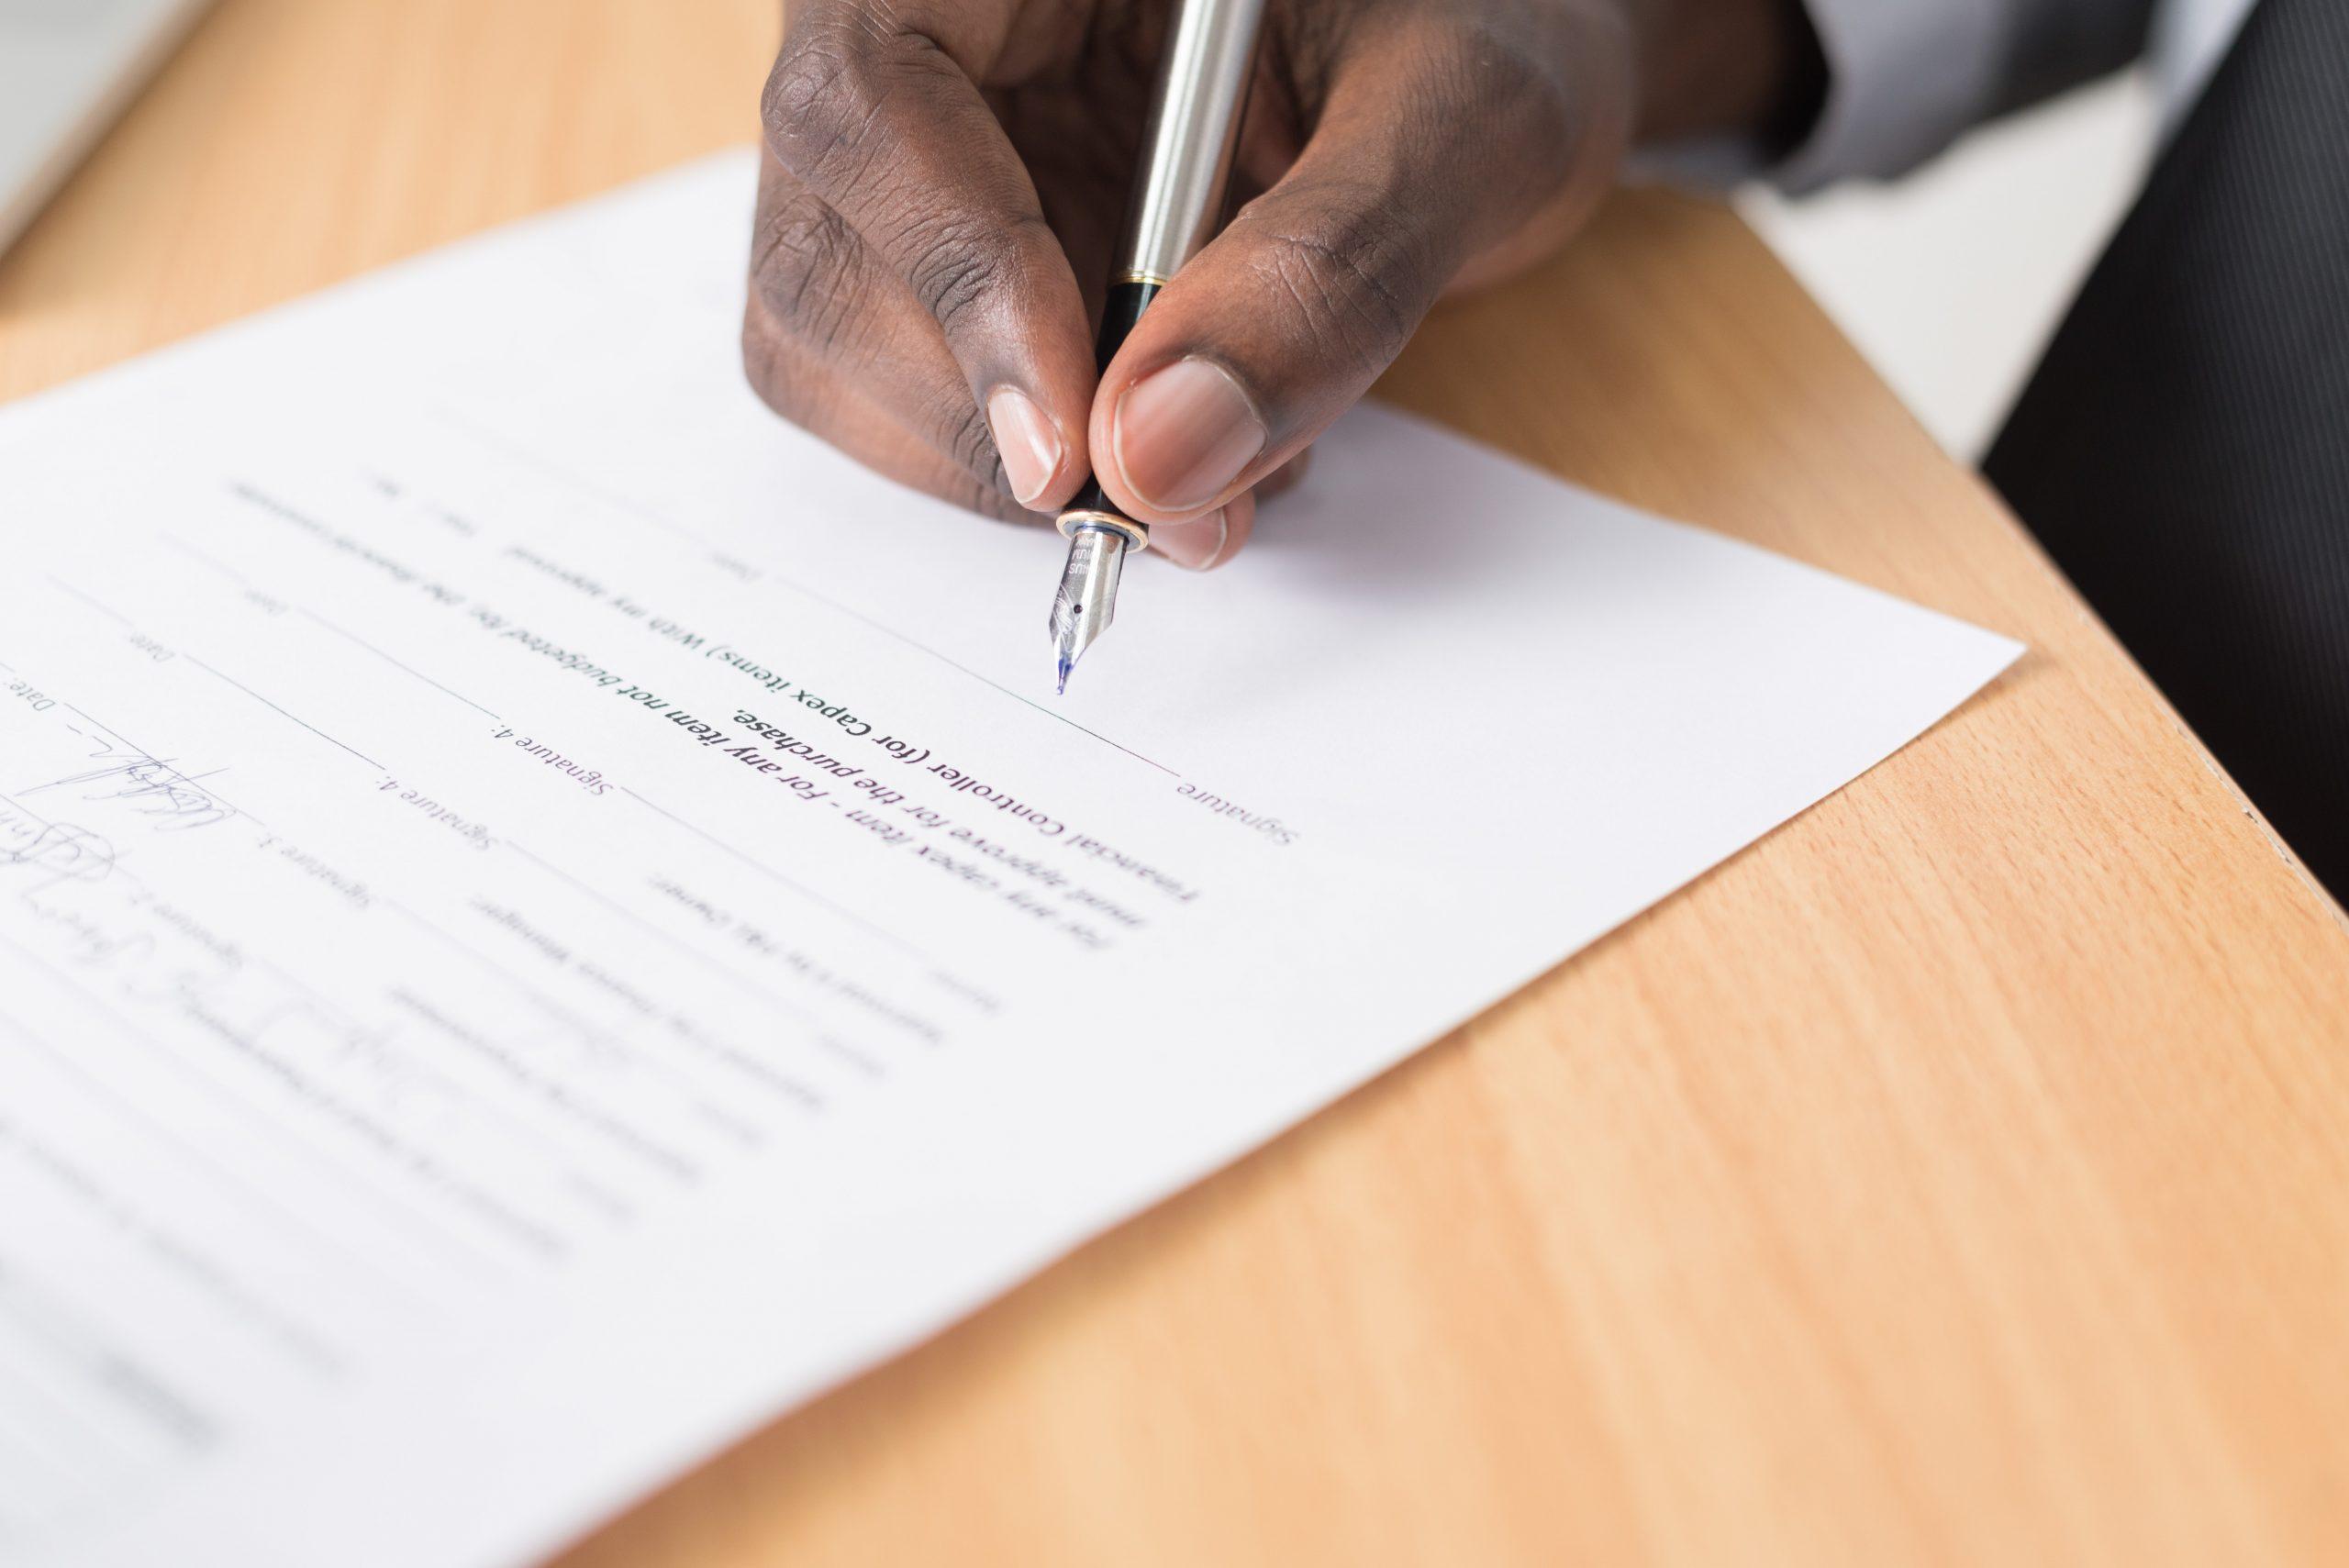 De verkoopovereenkomst ondertekenen